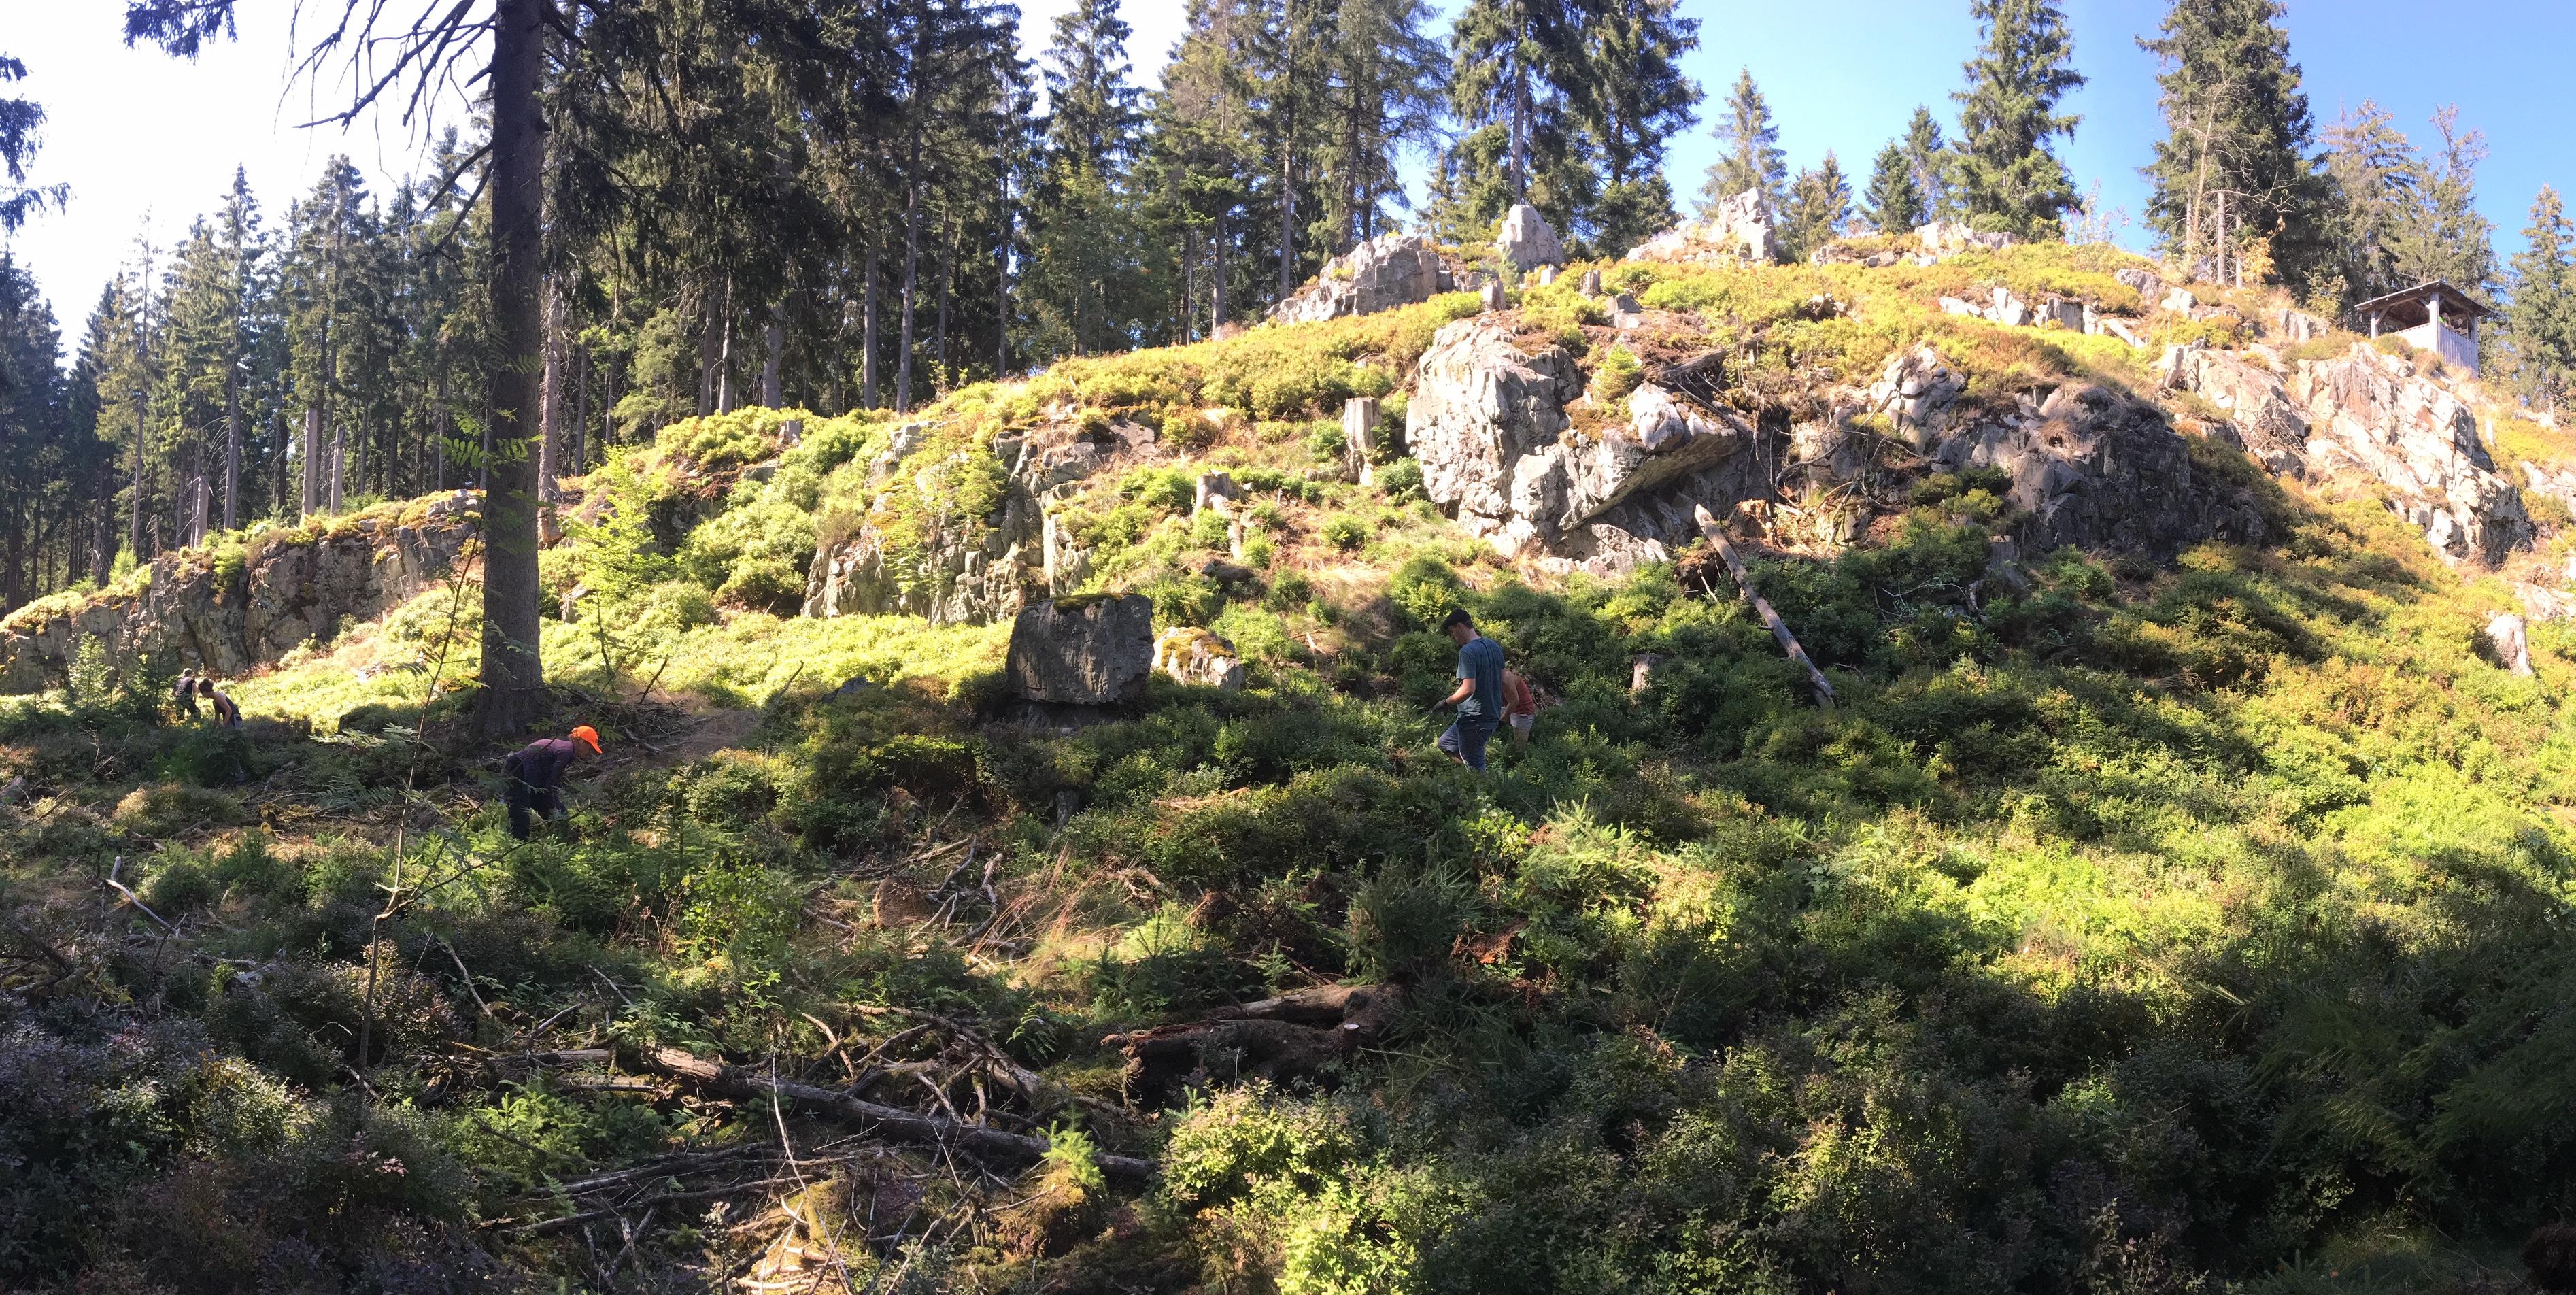 Felsen freistellen für Kreuzotter und Co.